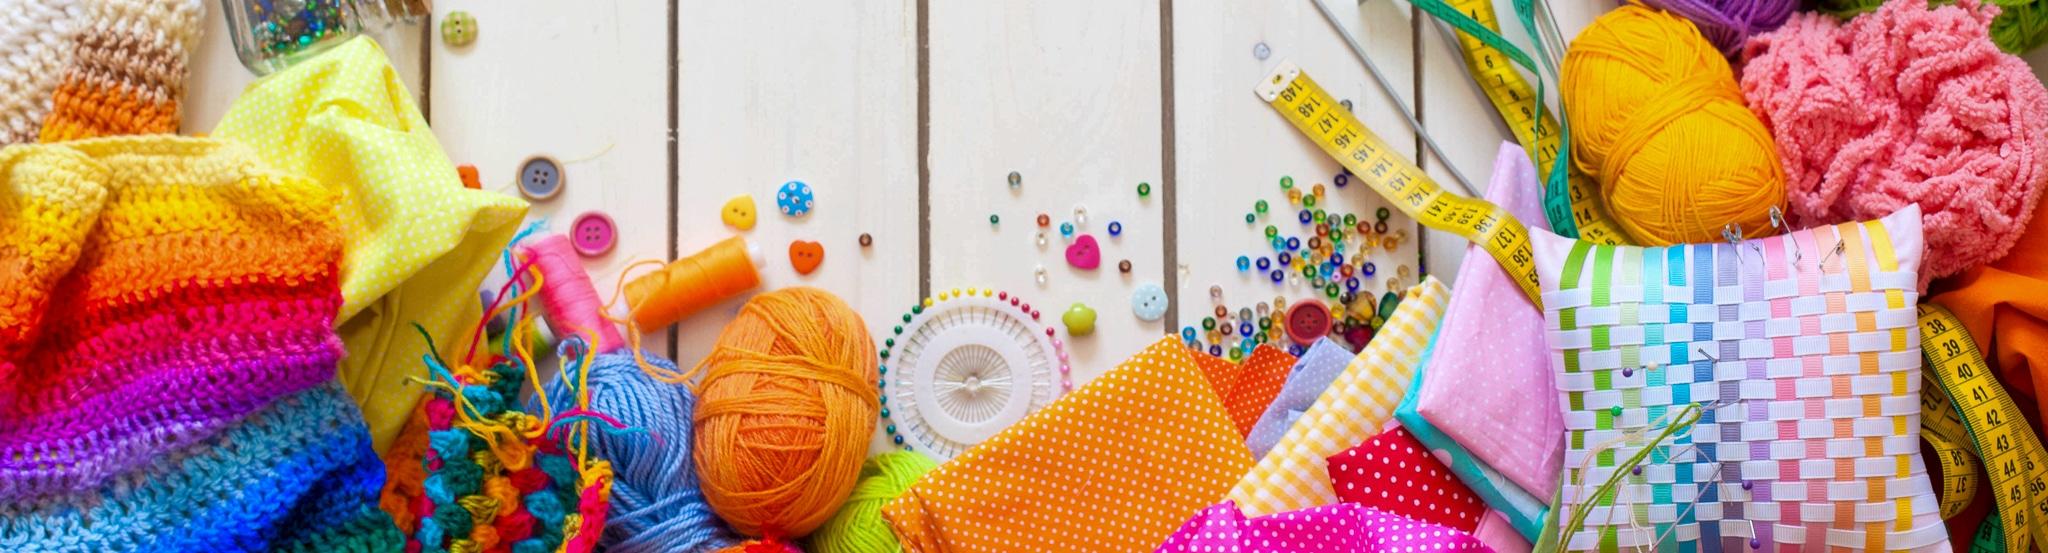 différents accessoires de couture, crochet, couture fil, boutons